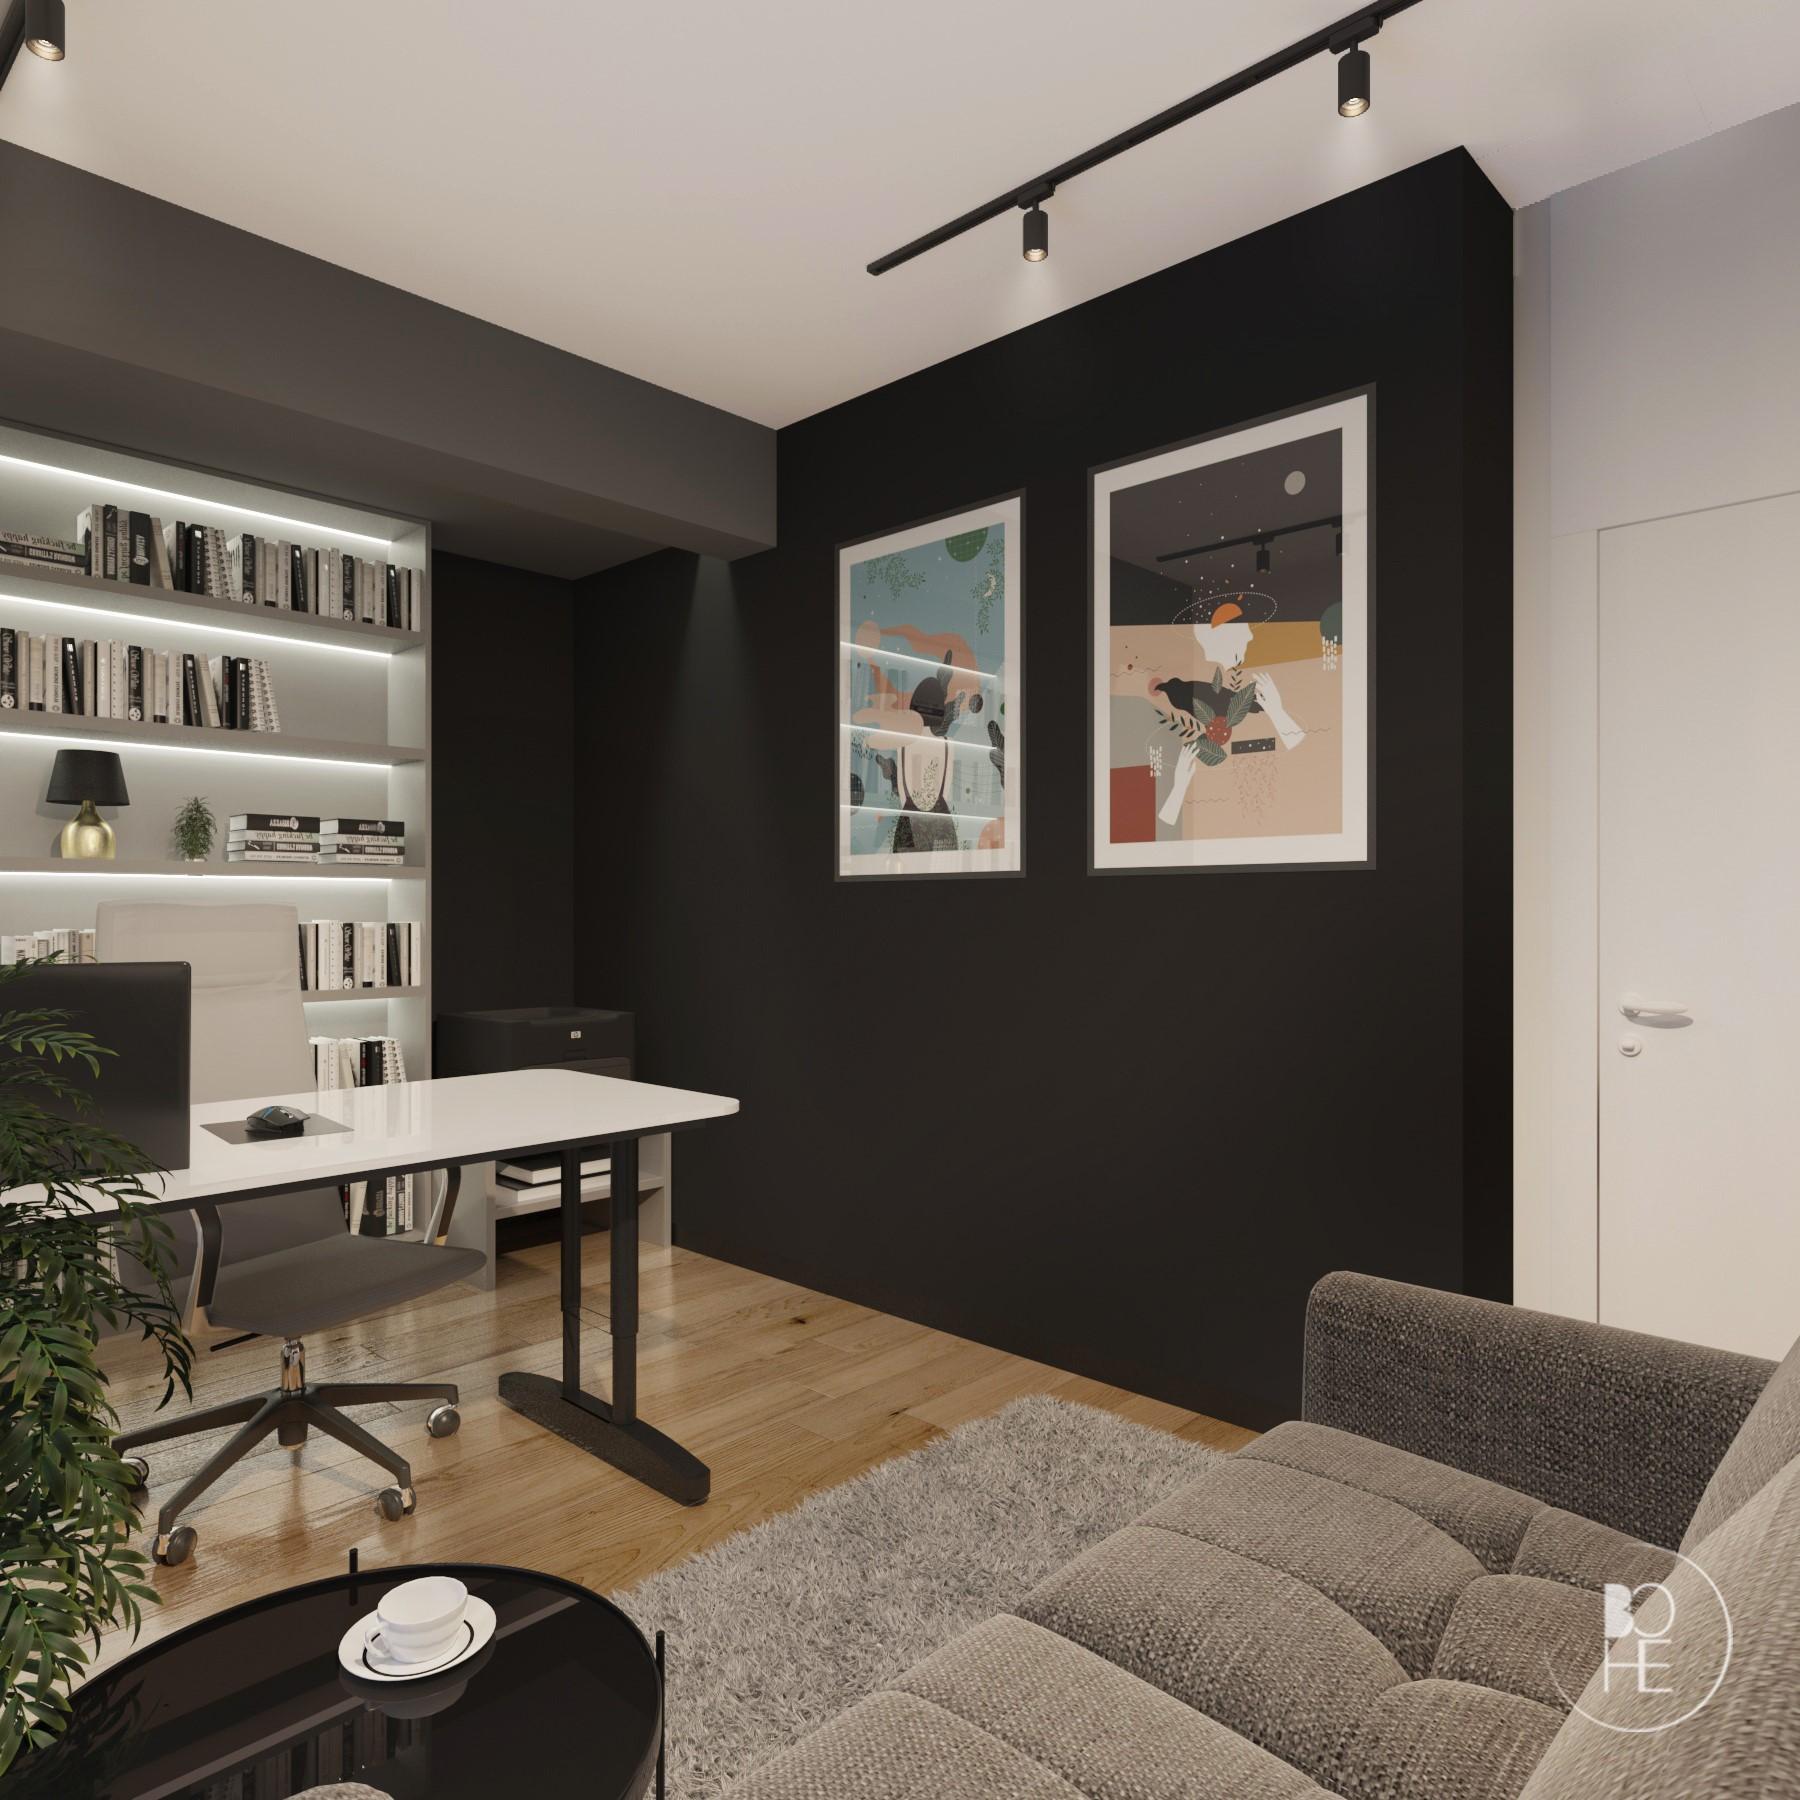 projekt biura domowego projektant wnętrz Łódź